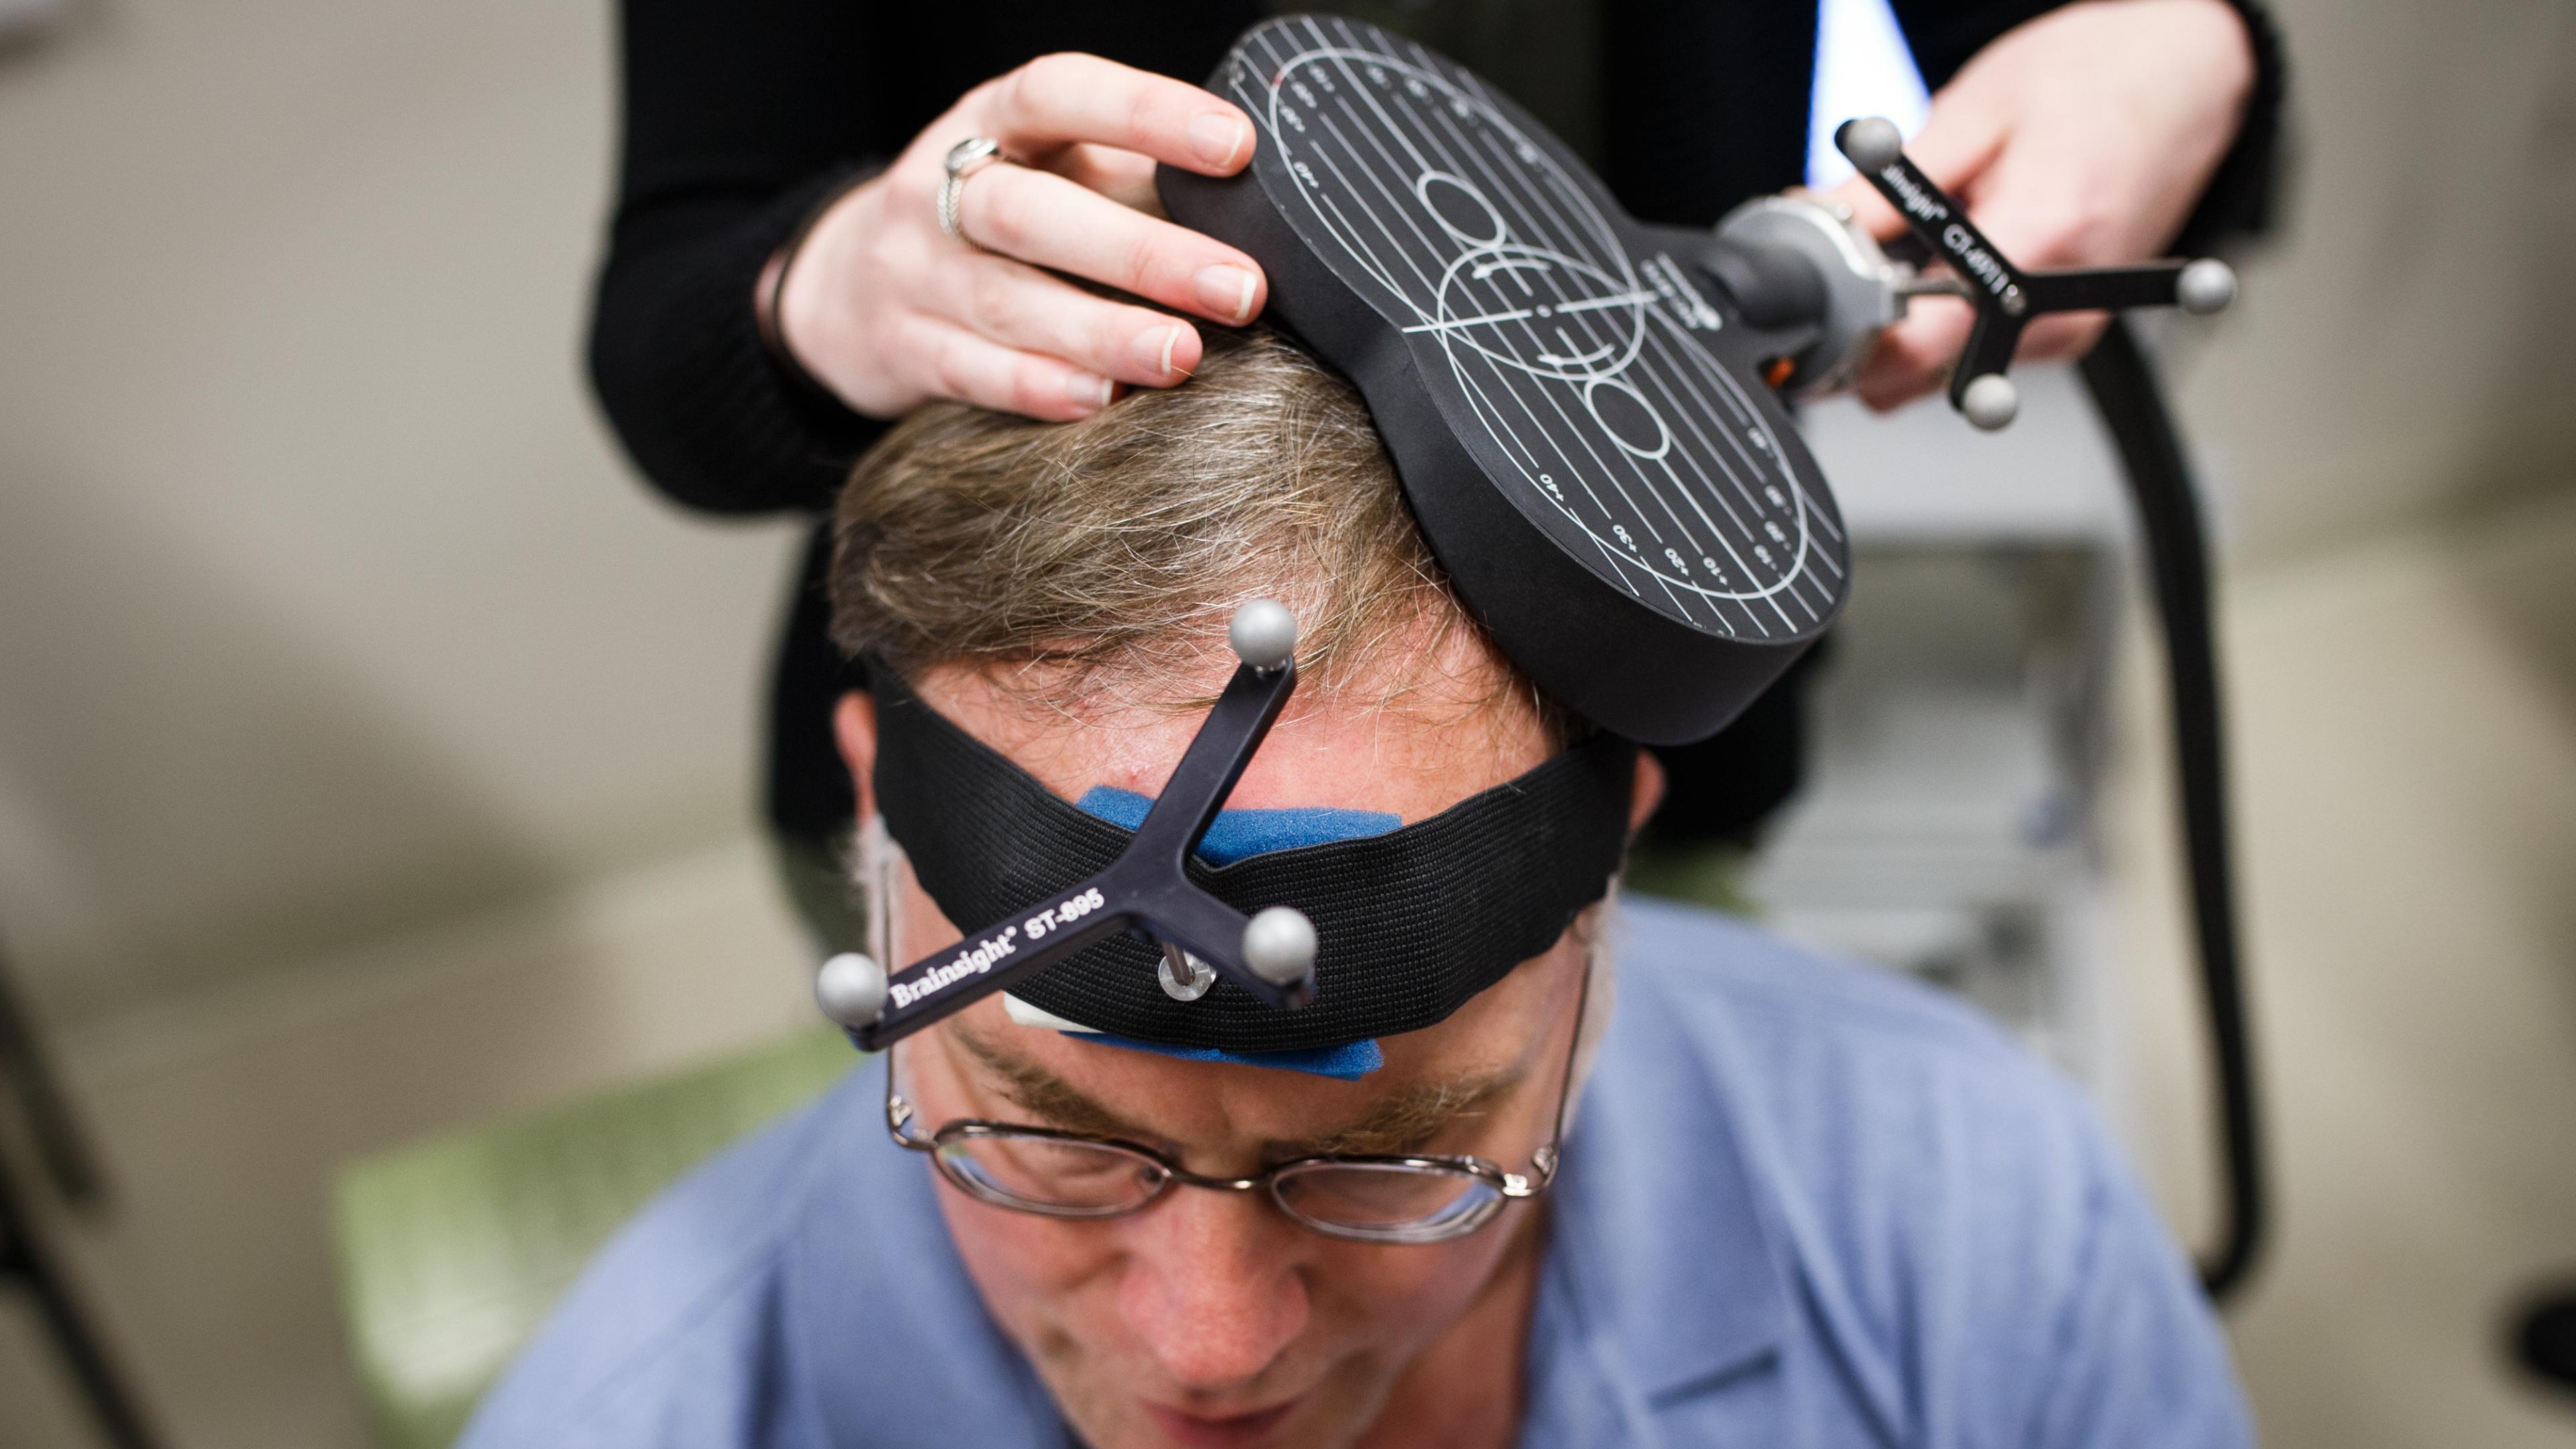 Стимуляция мозга может избавить нас от отрицательных воспоминаний